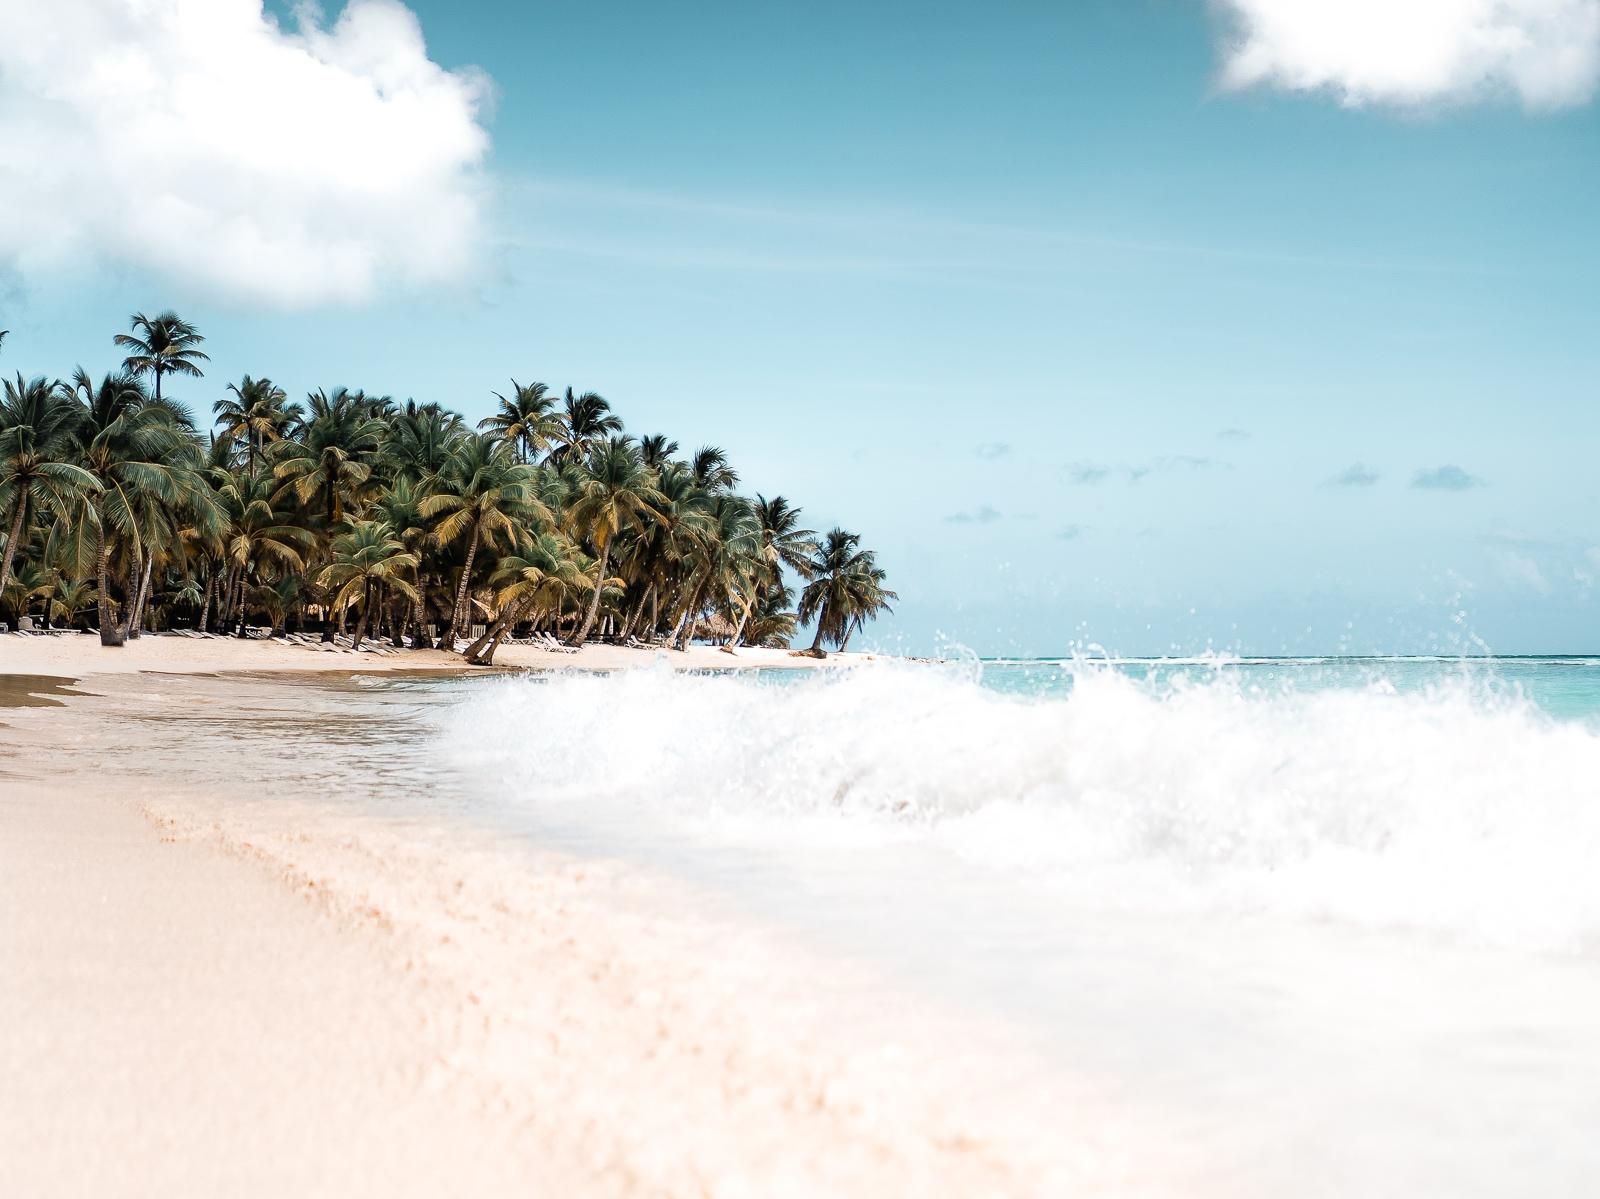 Dominikanische Republik - Travel Guide - Reisebericht - Wissenswertes für deine Karibik Reise - Tipps für deine Reise - Reisetipps Dom Rep. - Fashionladyloves by Tamara Wagner - Travel Blog - Reiseblog